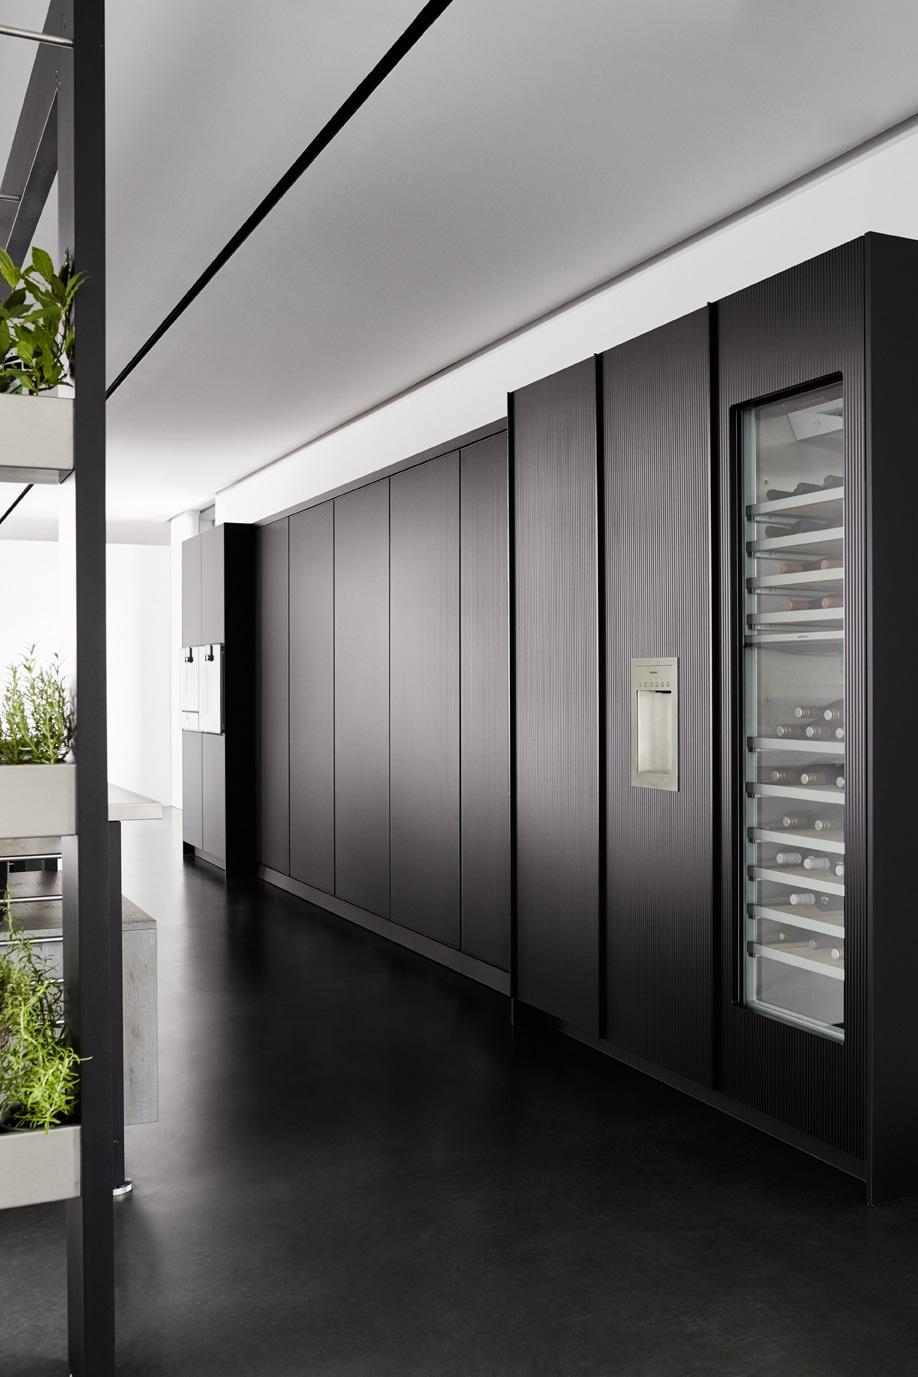 Eine geschlossene und hochästhetische Fassade von außen: das eggersmann work's TURN-Modul in Furnier Fasseiche silbergrau geölt. (Foto: eggersmann)